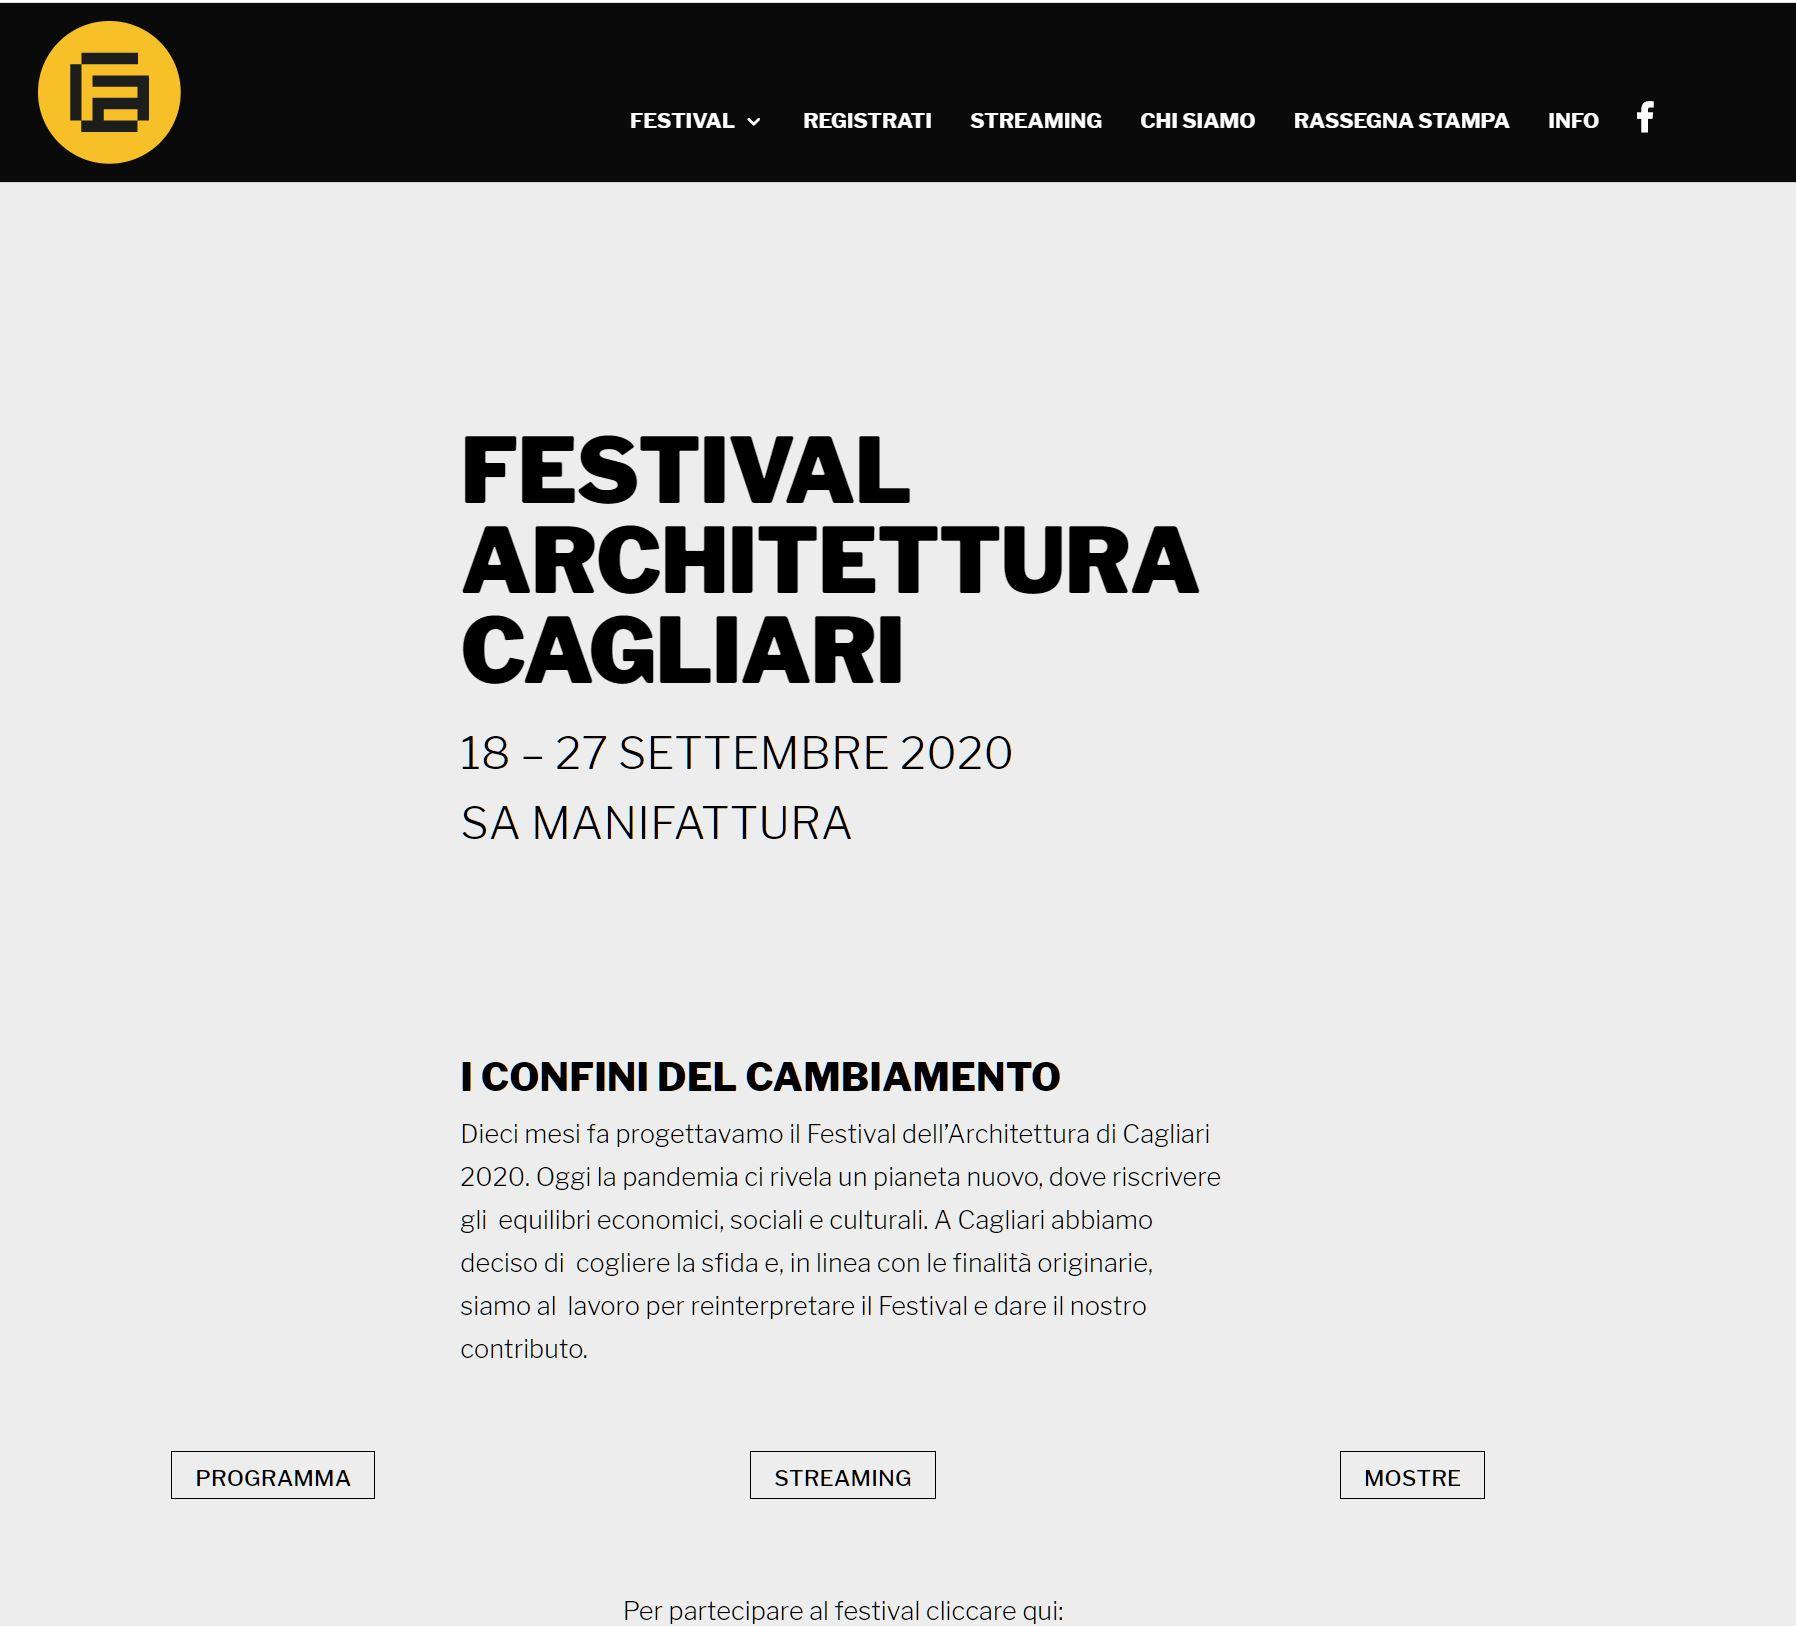 FESTIVAL ARCHITETTURA CAGLIARI 2020